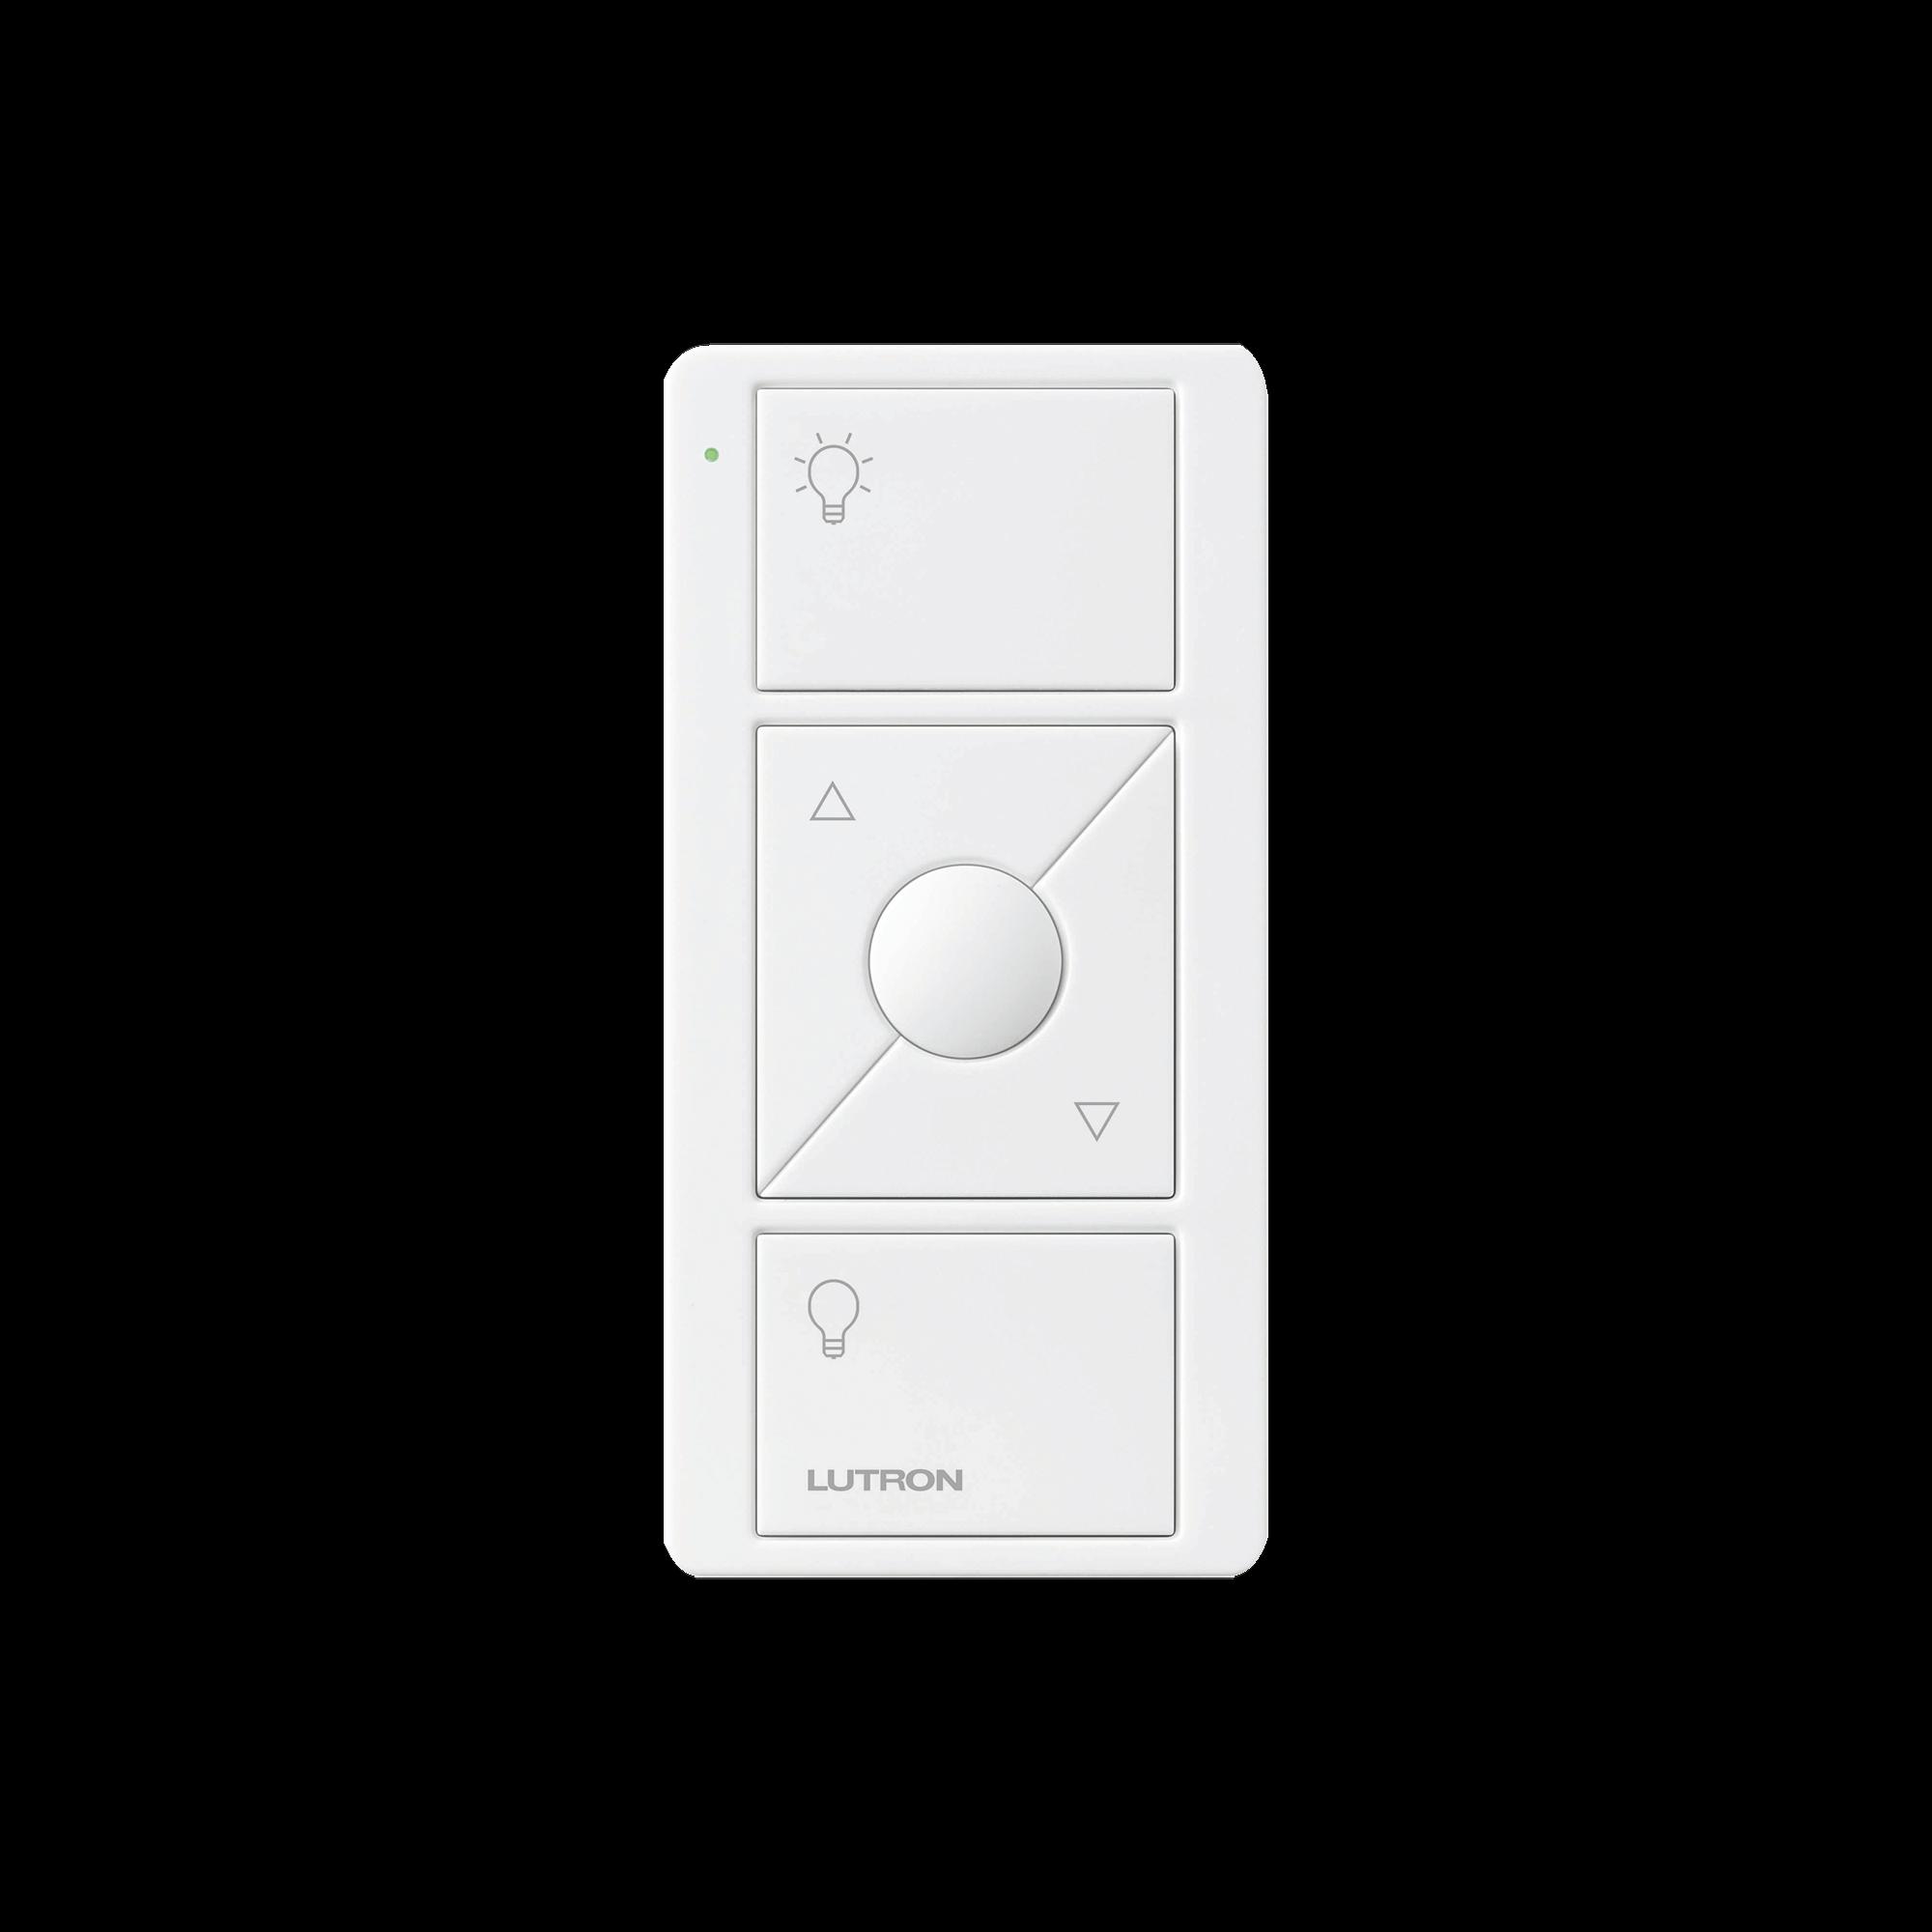 Control remoto PICO 3 botones encender/apagar, subir/bajar intensidad, color blanco, complemente con un atenuador Caseta, RA2, RadioRa2.